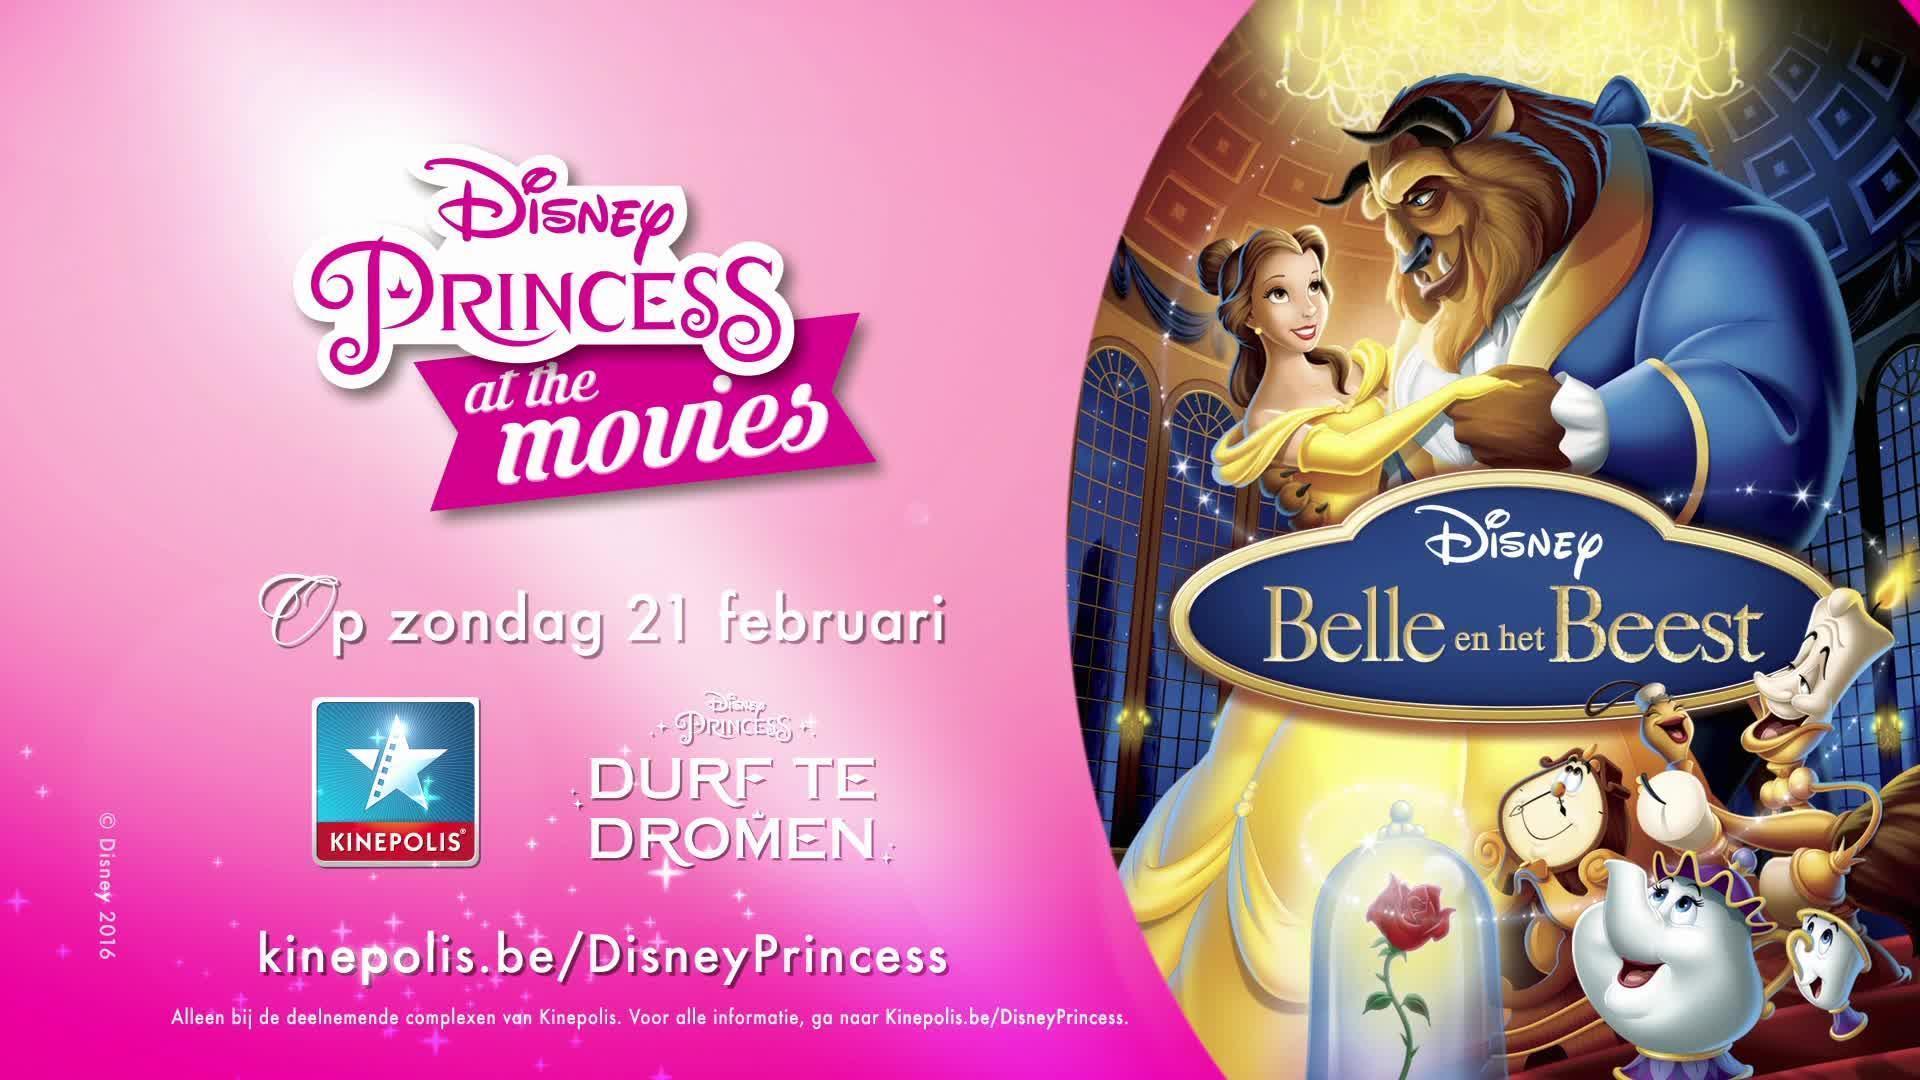 Princess @ TheMovies - Belle en het beest